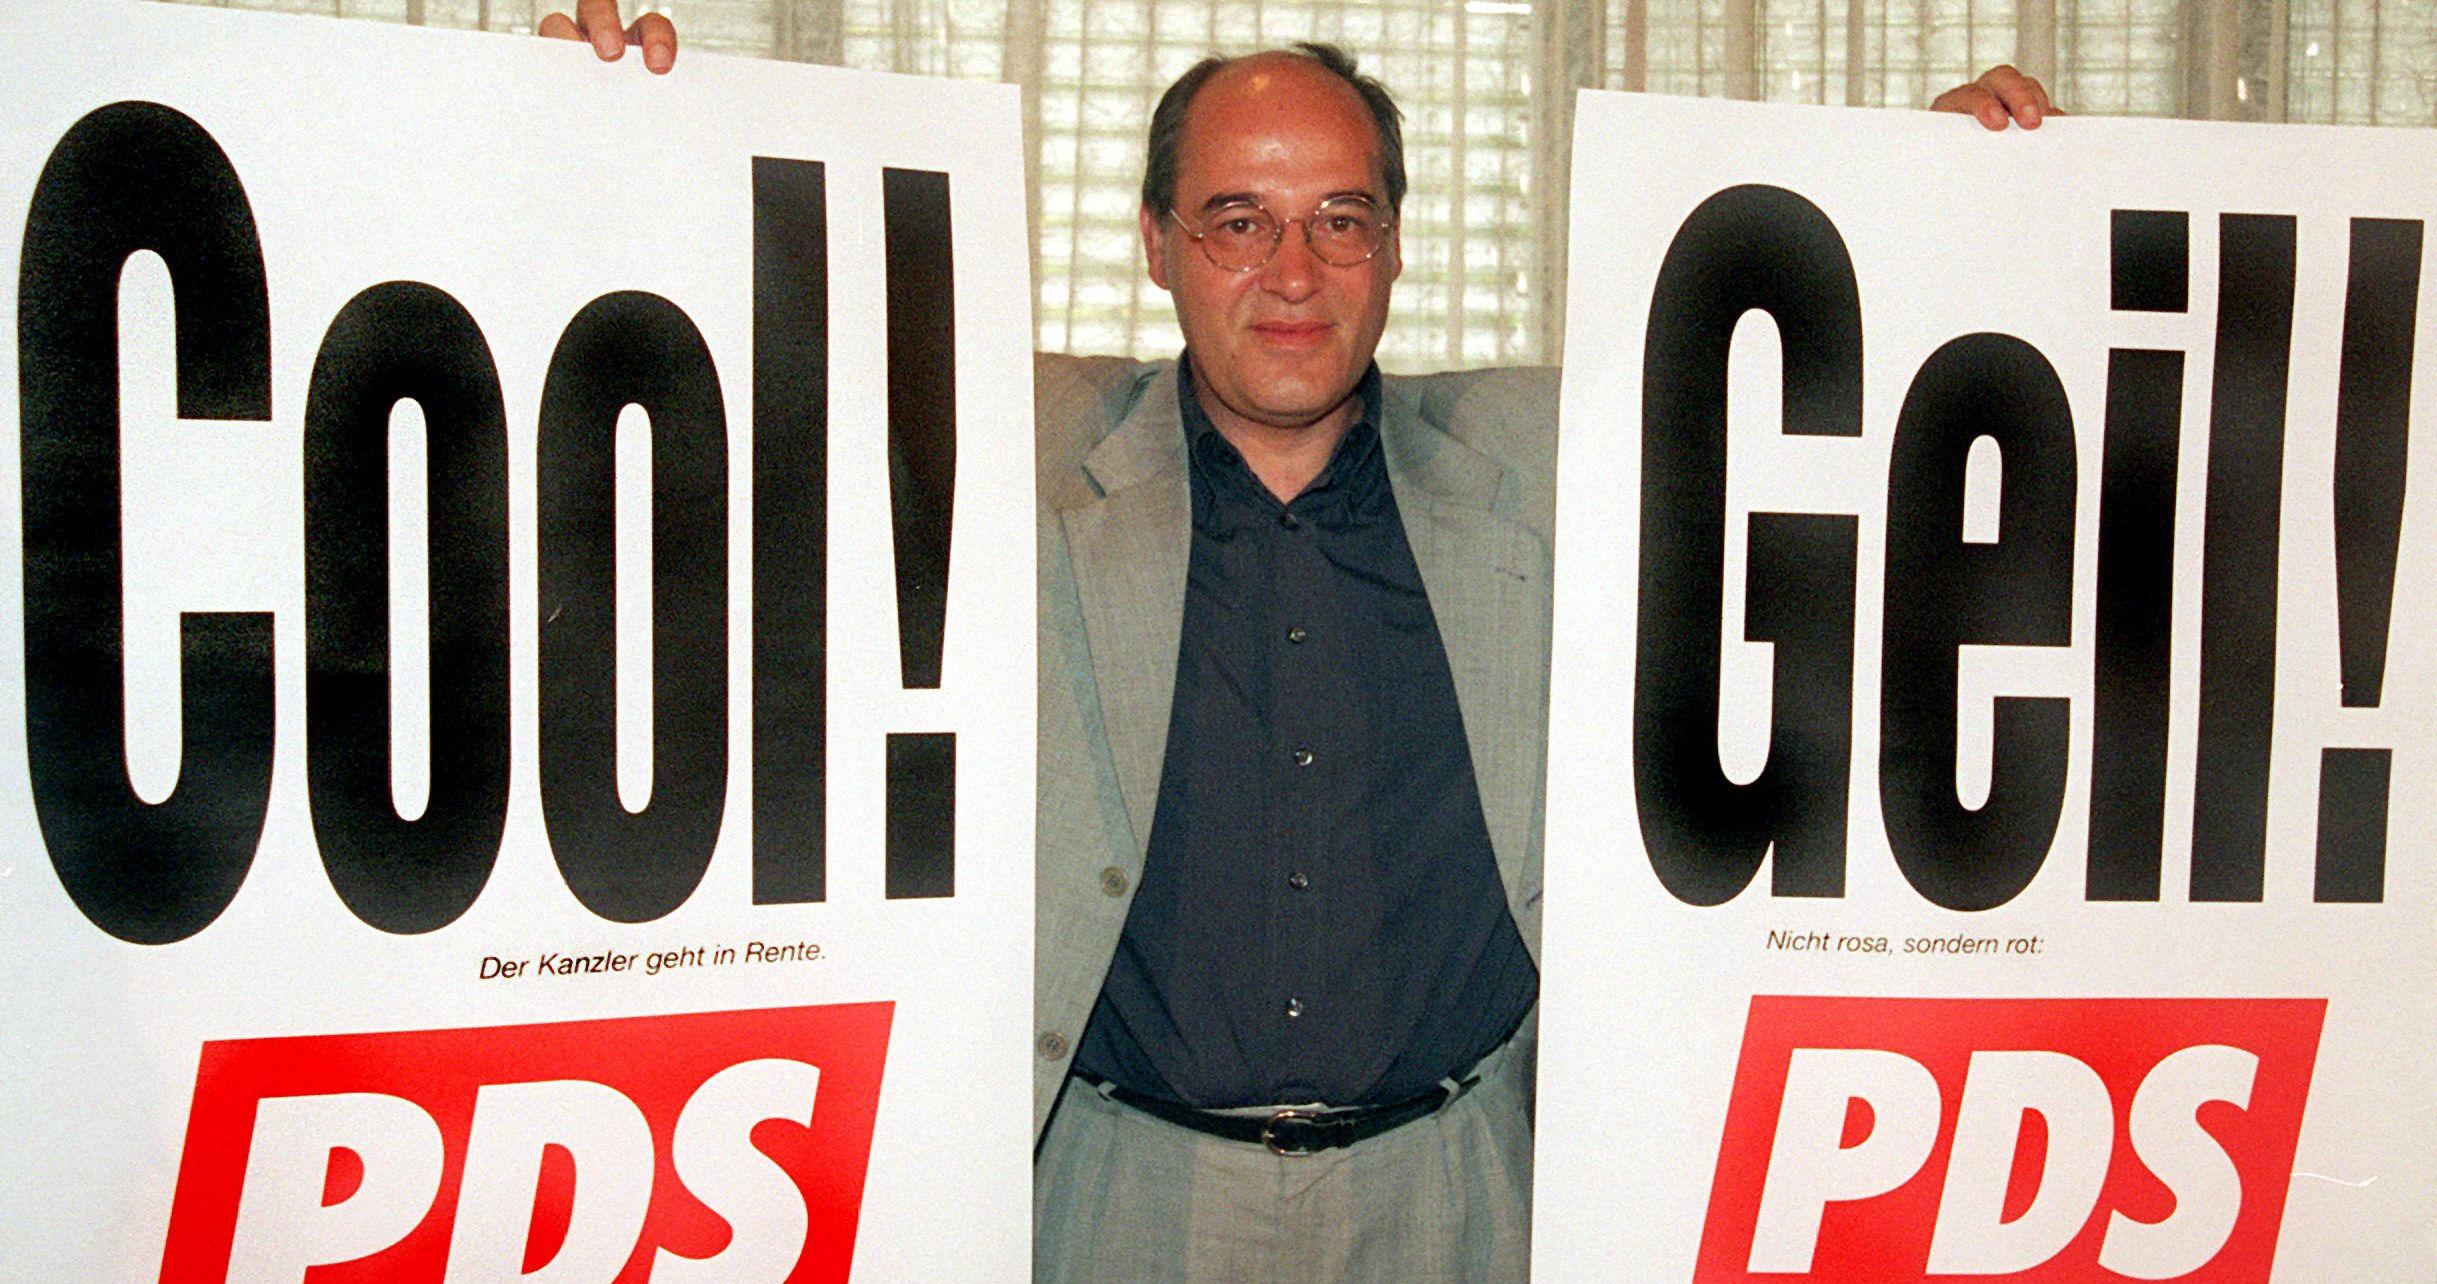 Грегор Гізі — яскравий представник нової, молодої генерації СЄПН, що привела до її перебудови і демократизації. Він став першим головою ПДС і з цього часу відігравав передові ролі в партії.